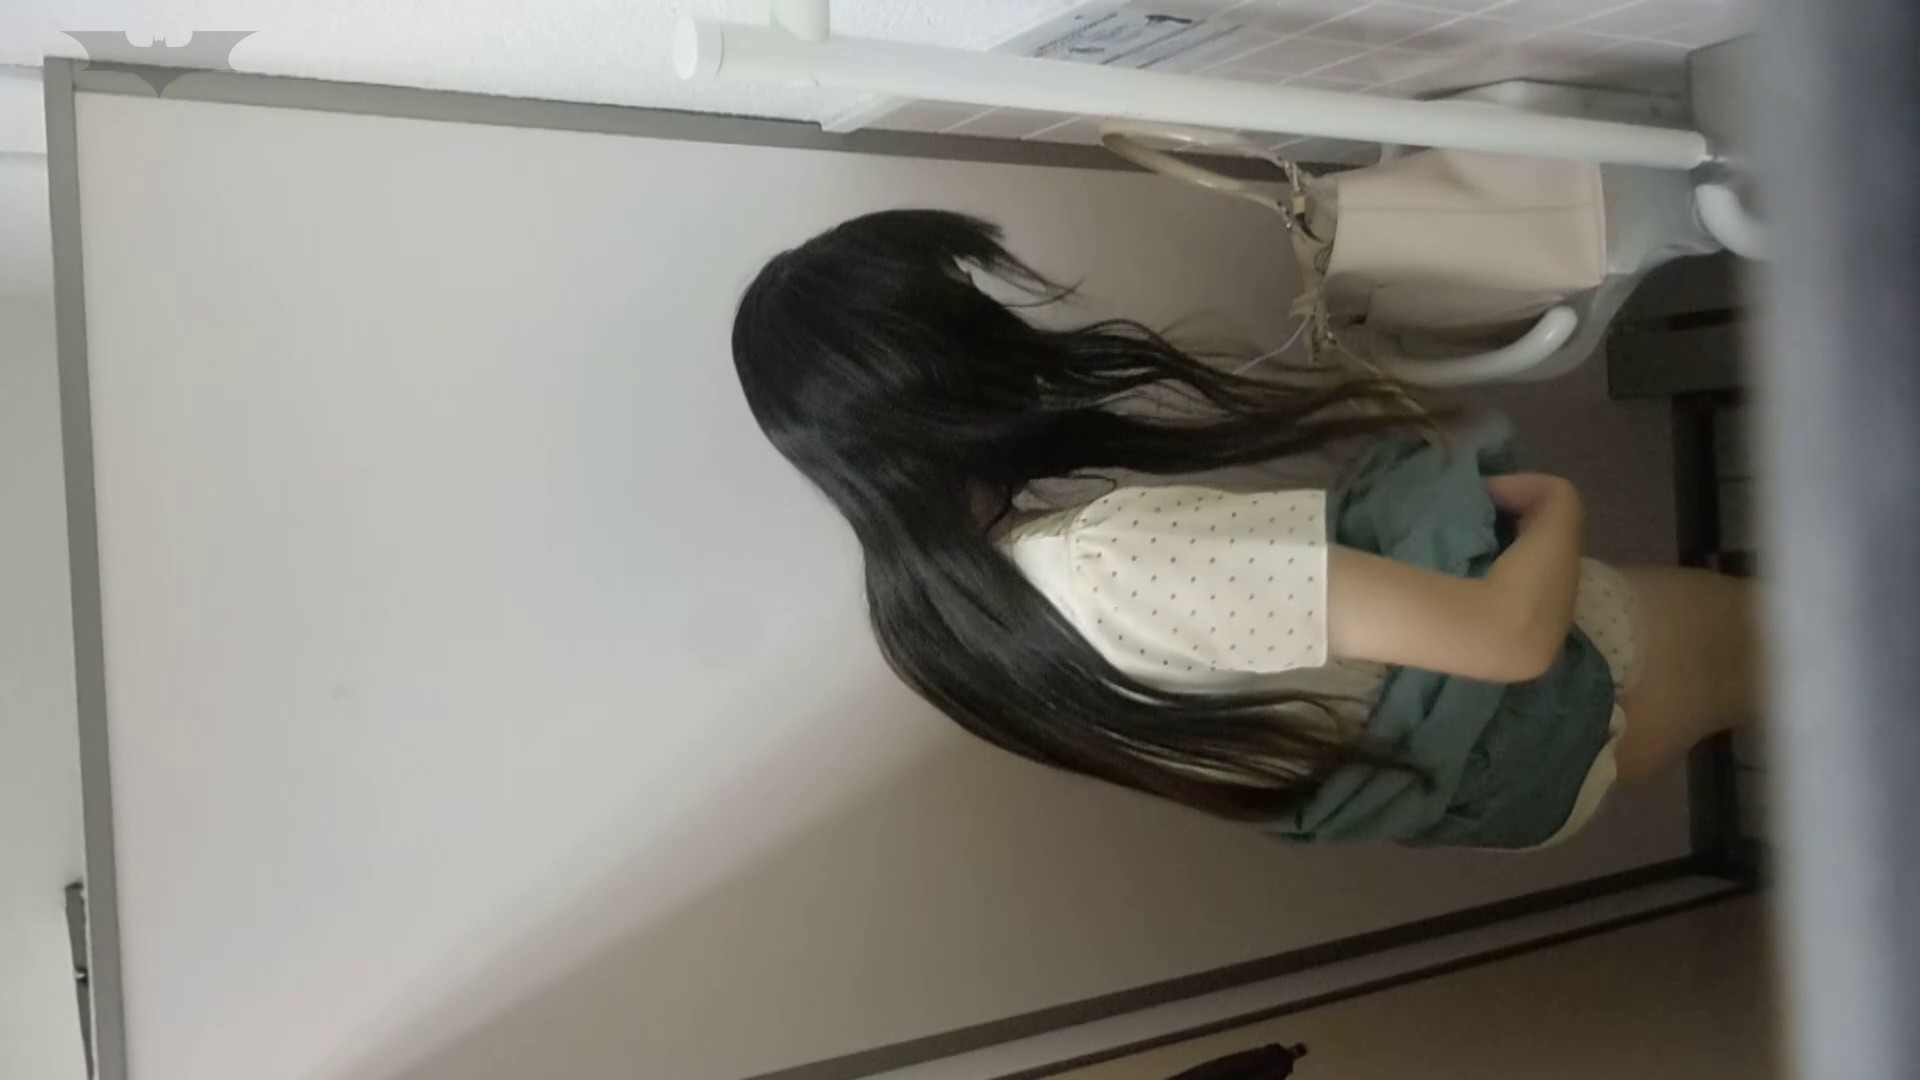 化粧室絵巻 駅舎編 VOL.21 ヨリドリミドリ!!選びたい放題です。 OLの実態  45pic 4